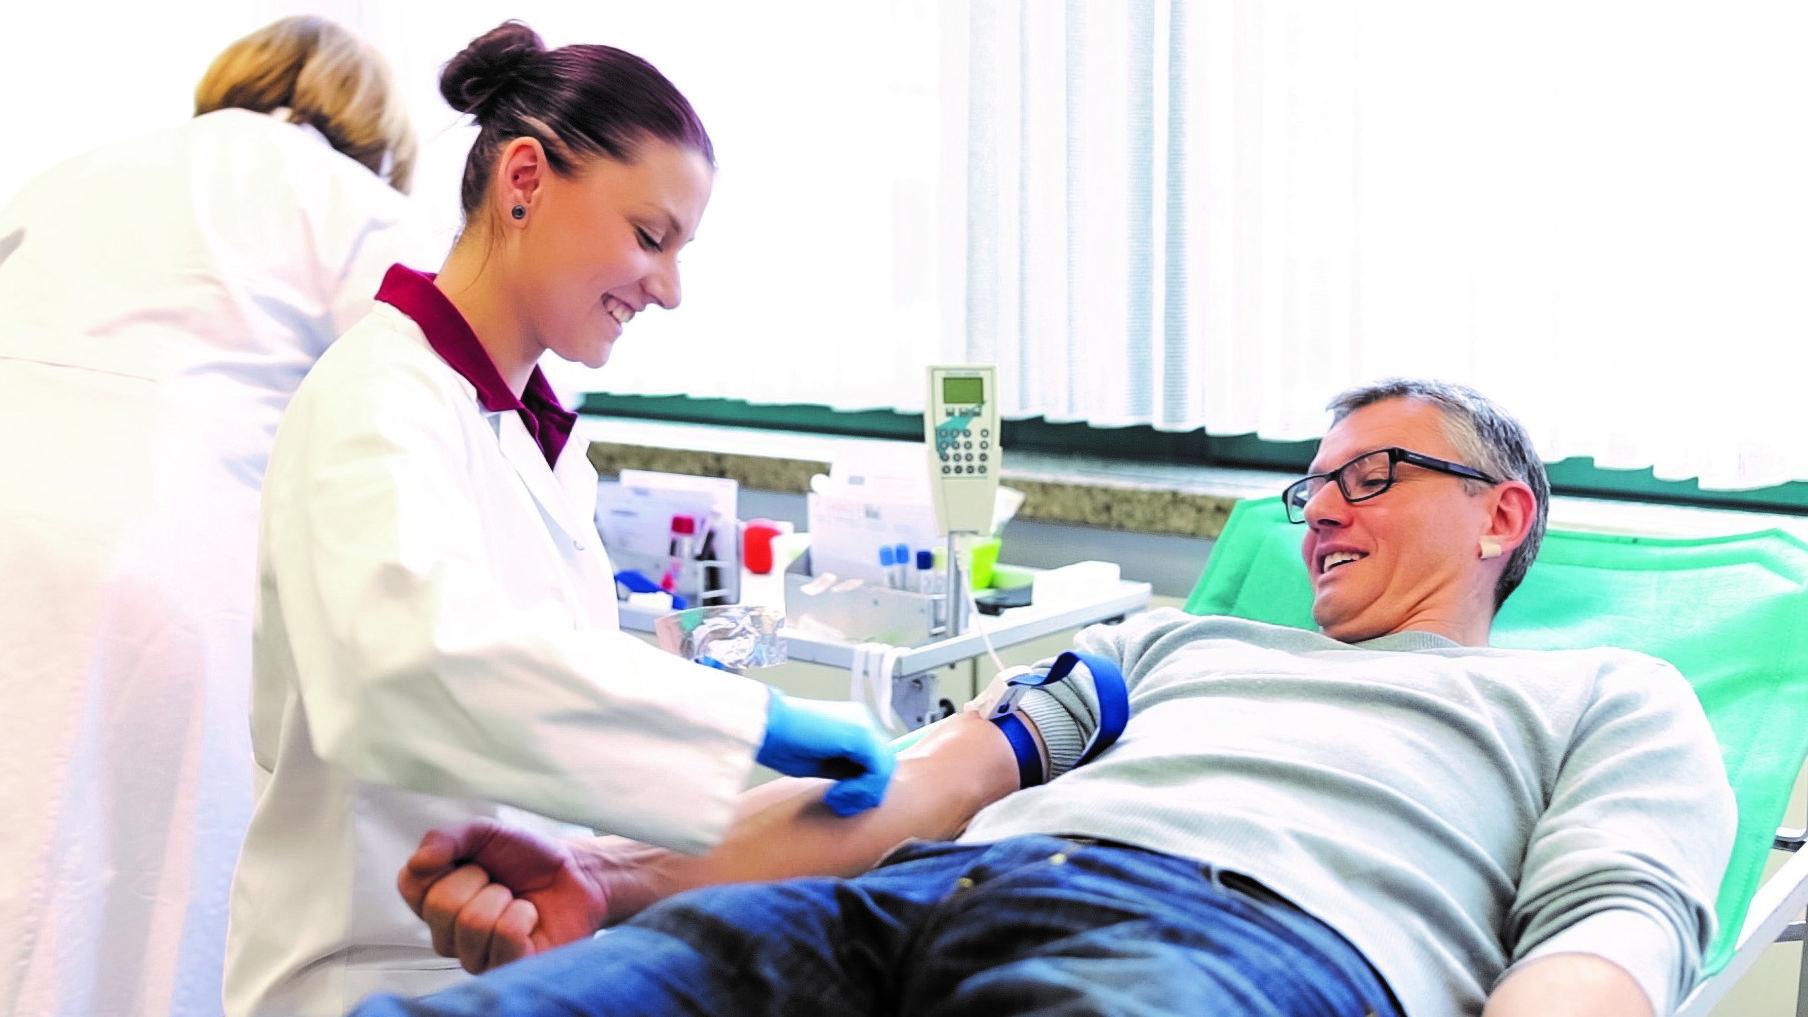 Mann bei einer Blutspende